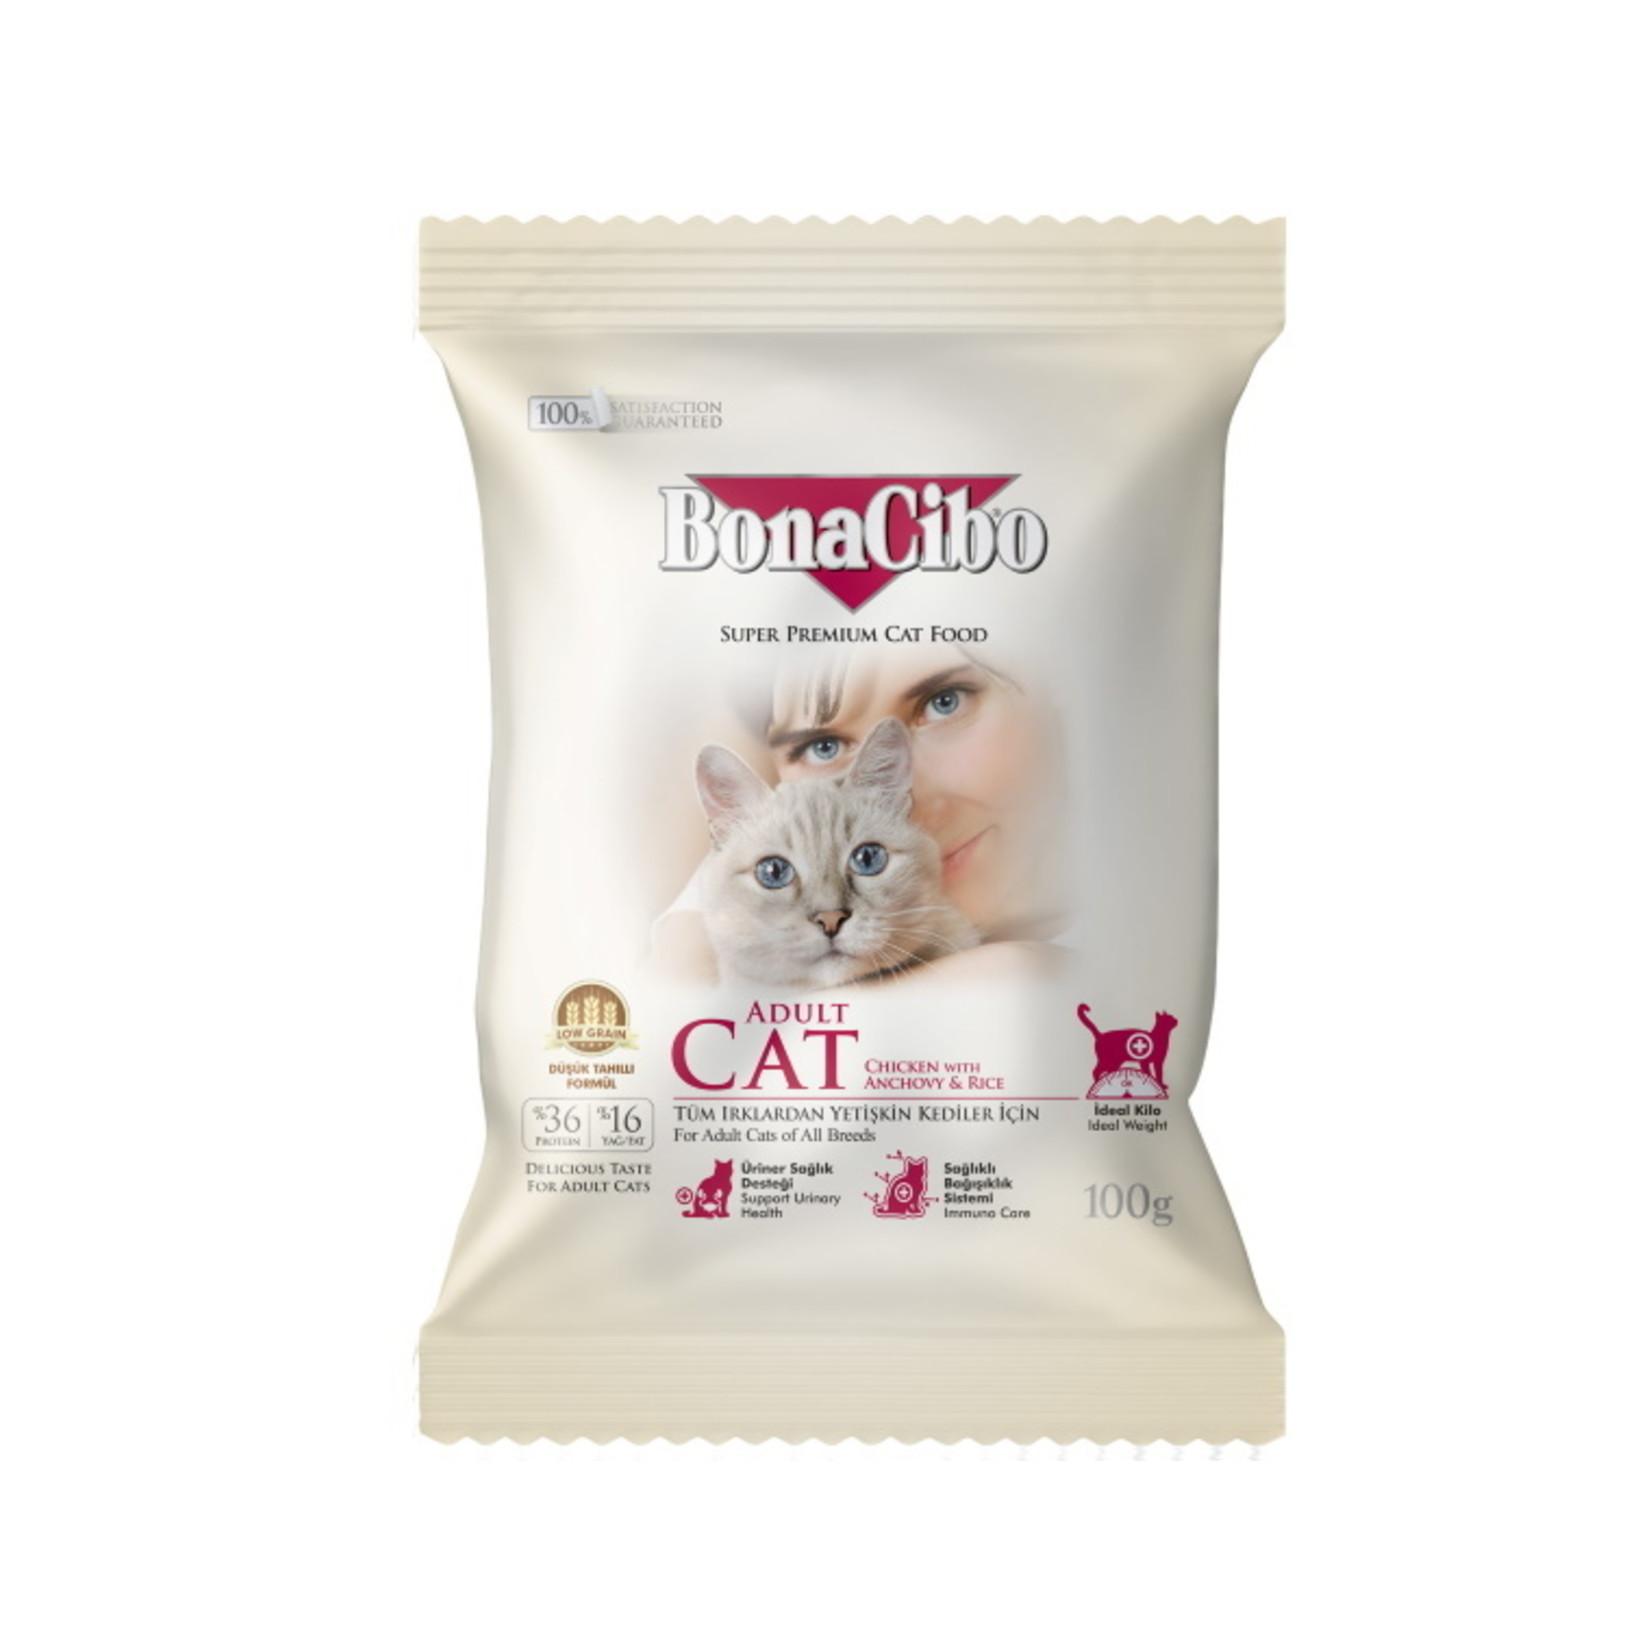 Bonacibo Sample 100 GR   BonaCibo Adult Cat Kip & Rijst met Ansjovis